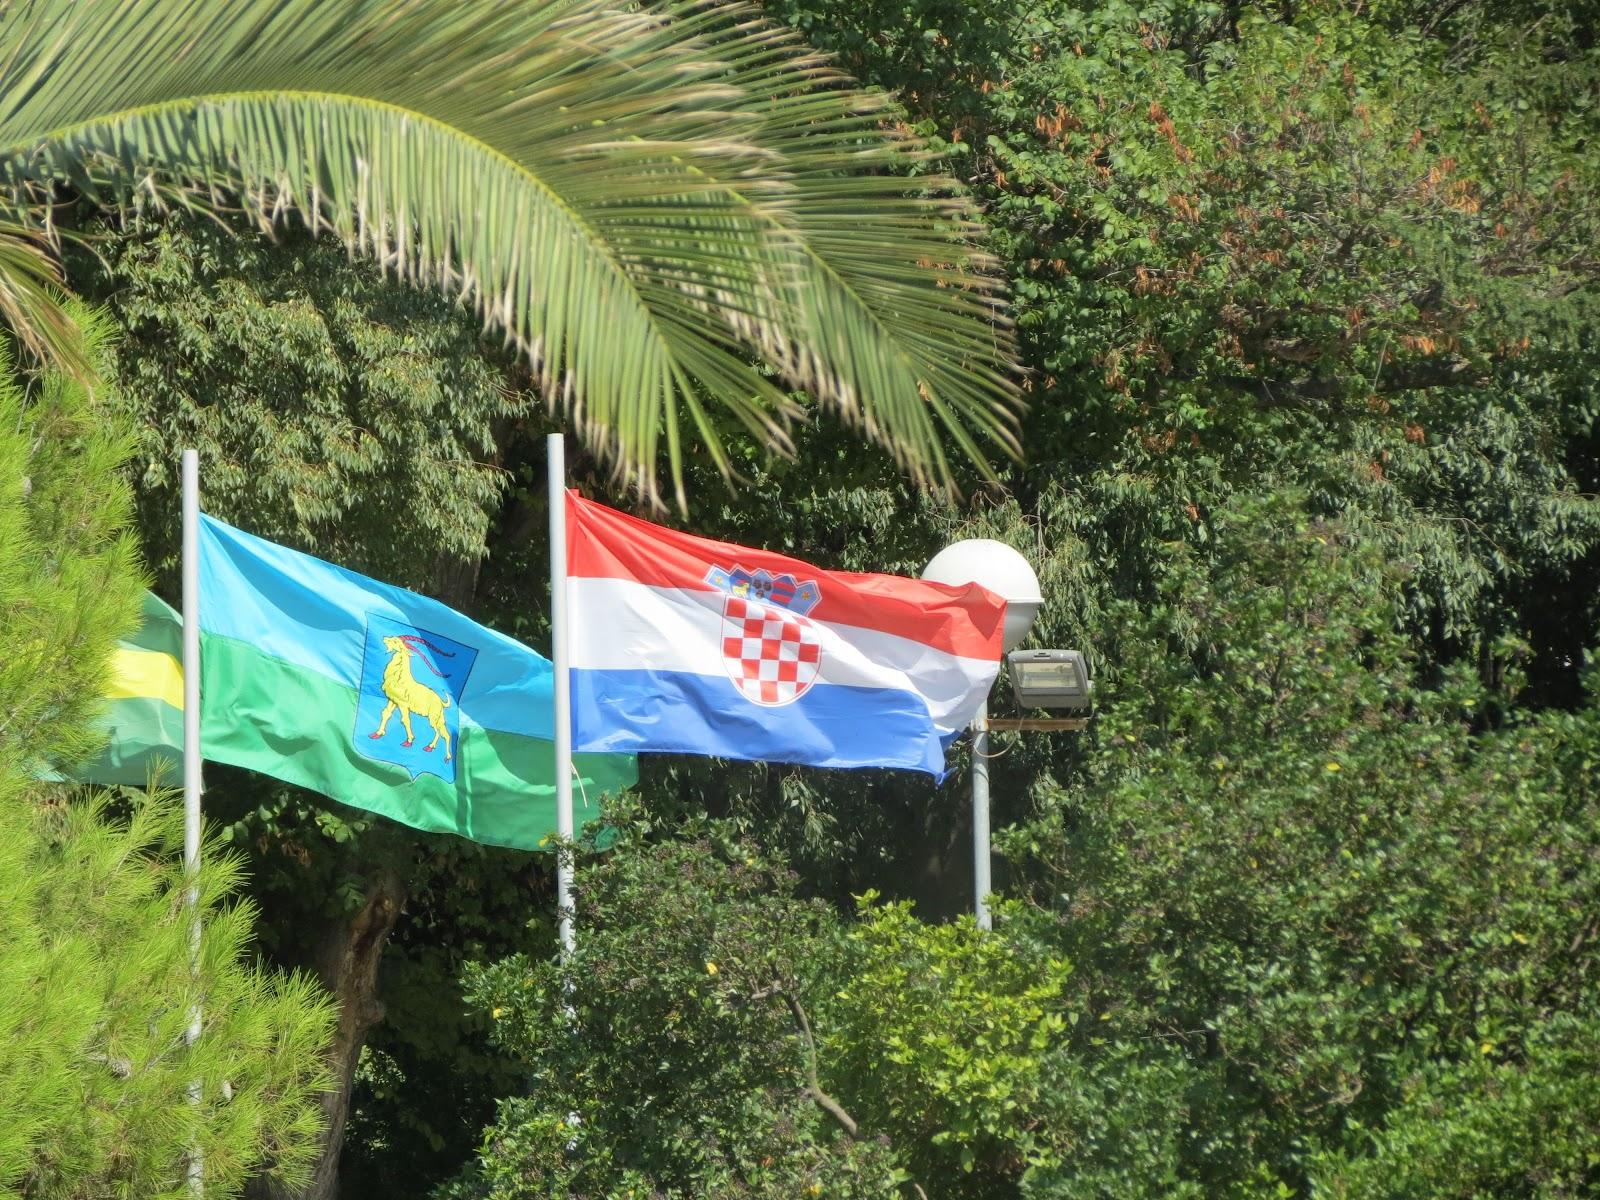 chorwacja wczasy dojazd własny słowenia all inclusive istria